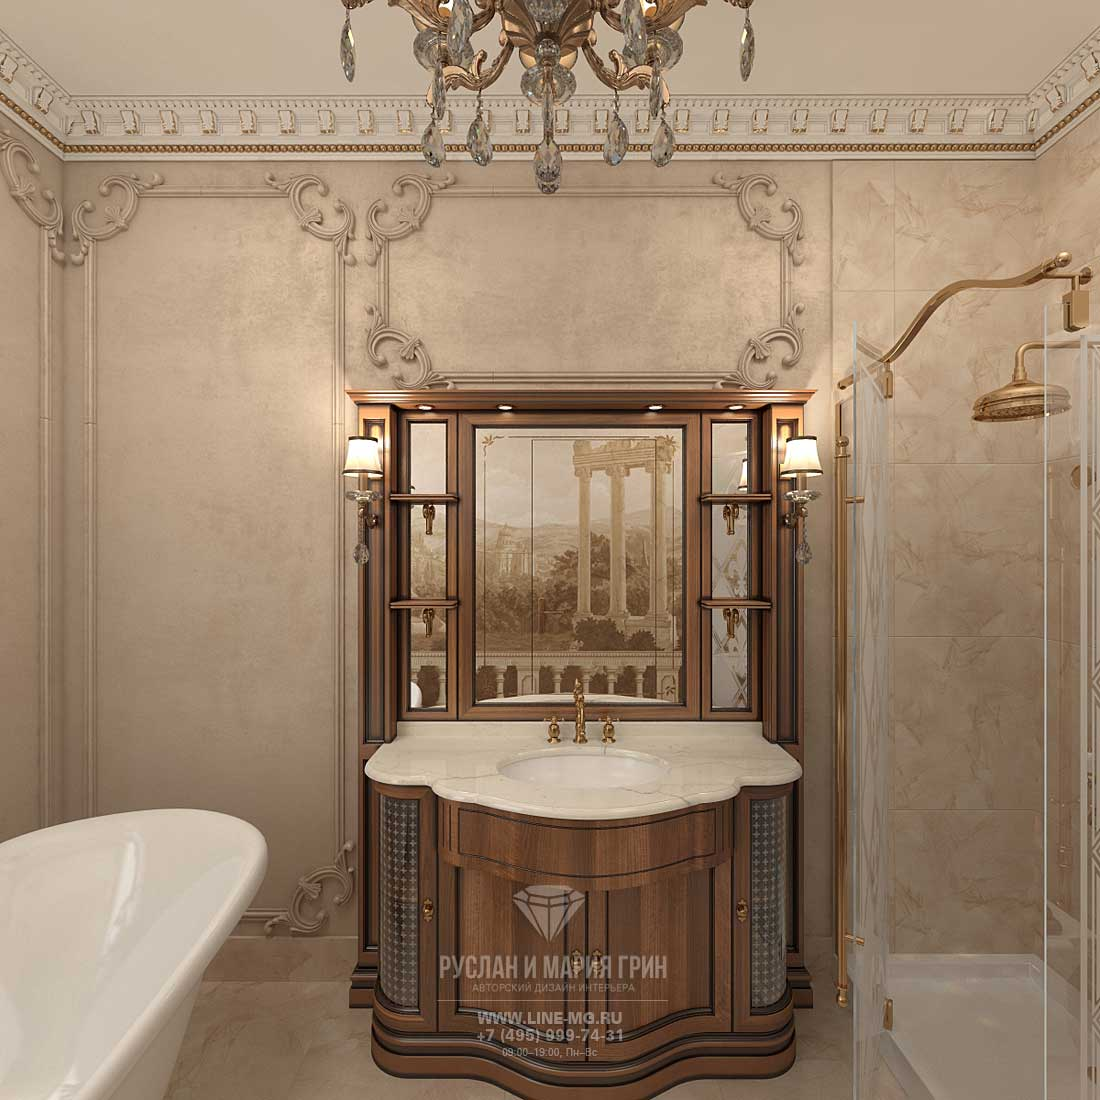 Стильная ванная комната. Идеи дизайна